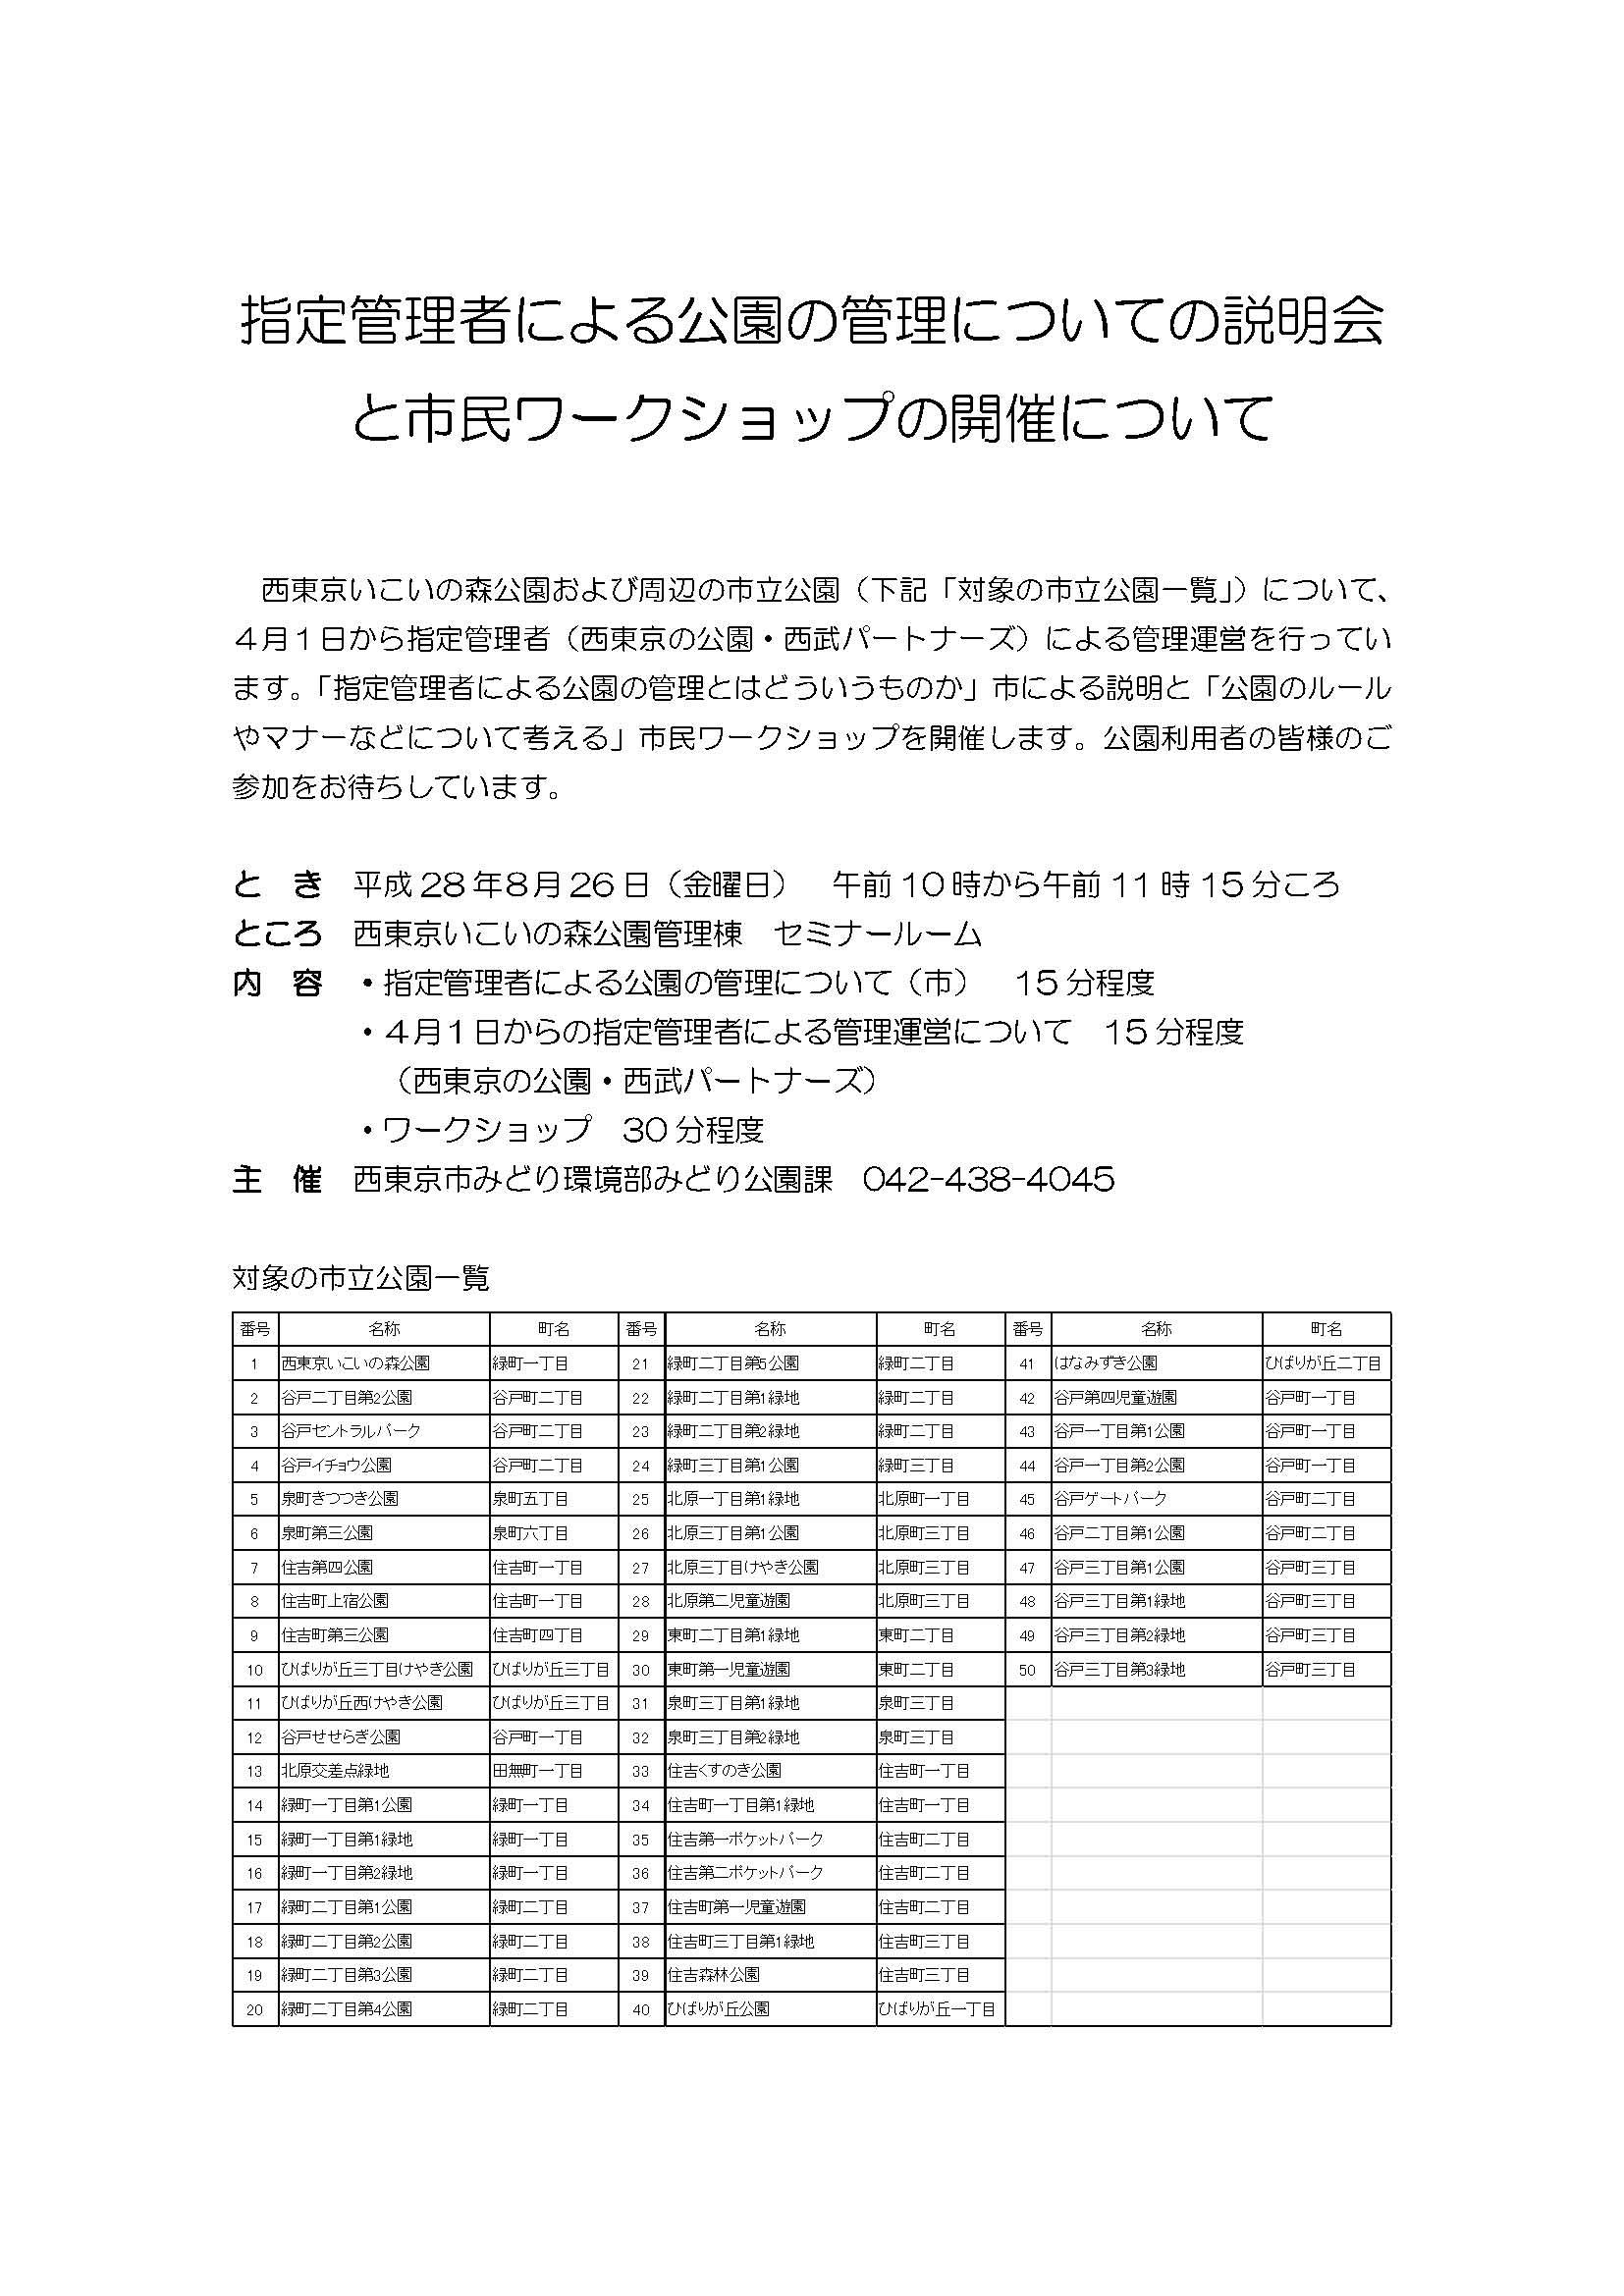 20160809説明会チラシ